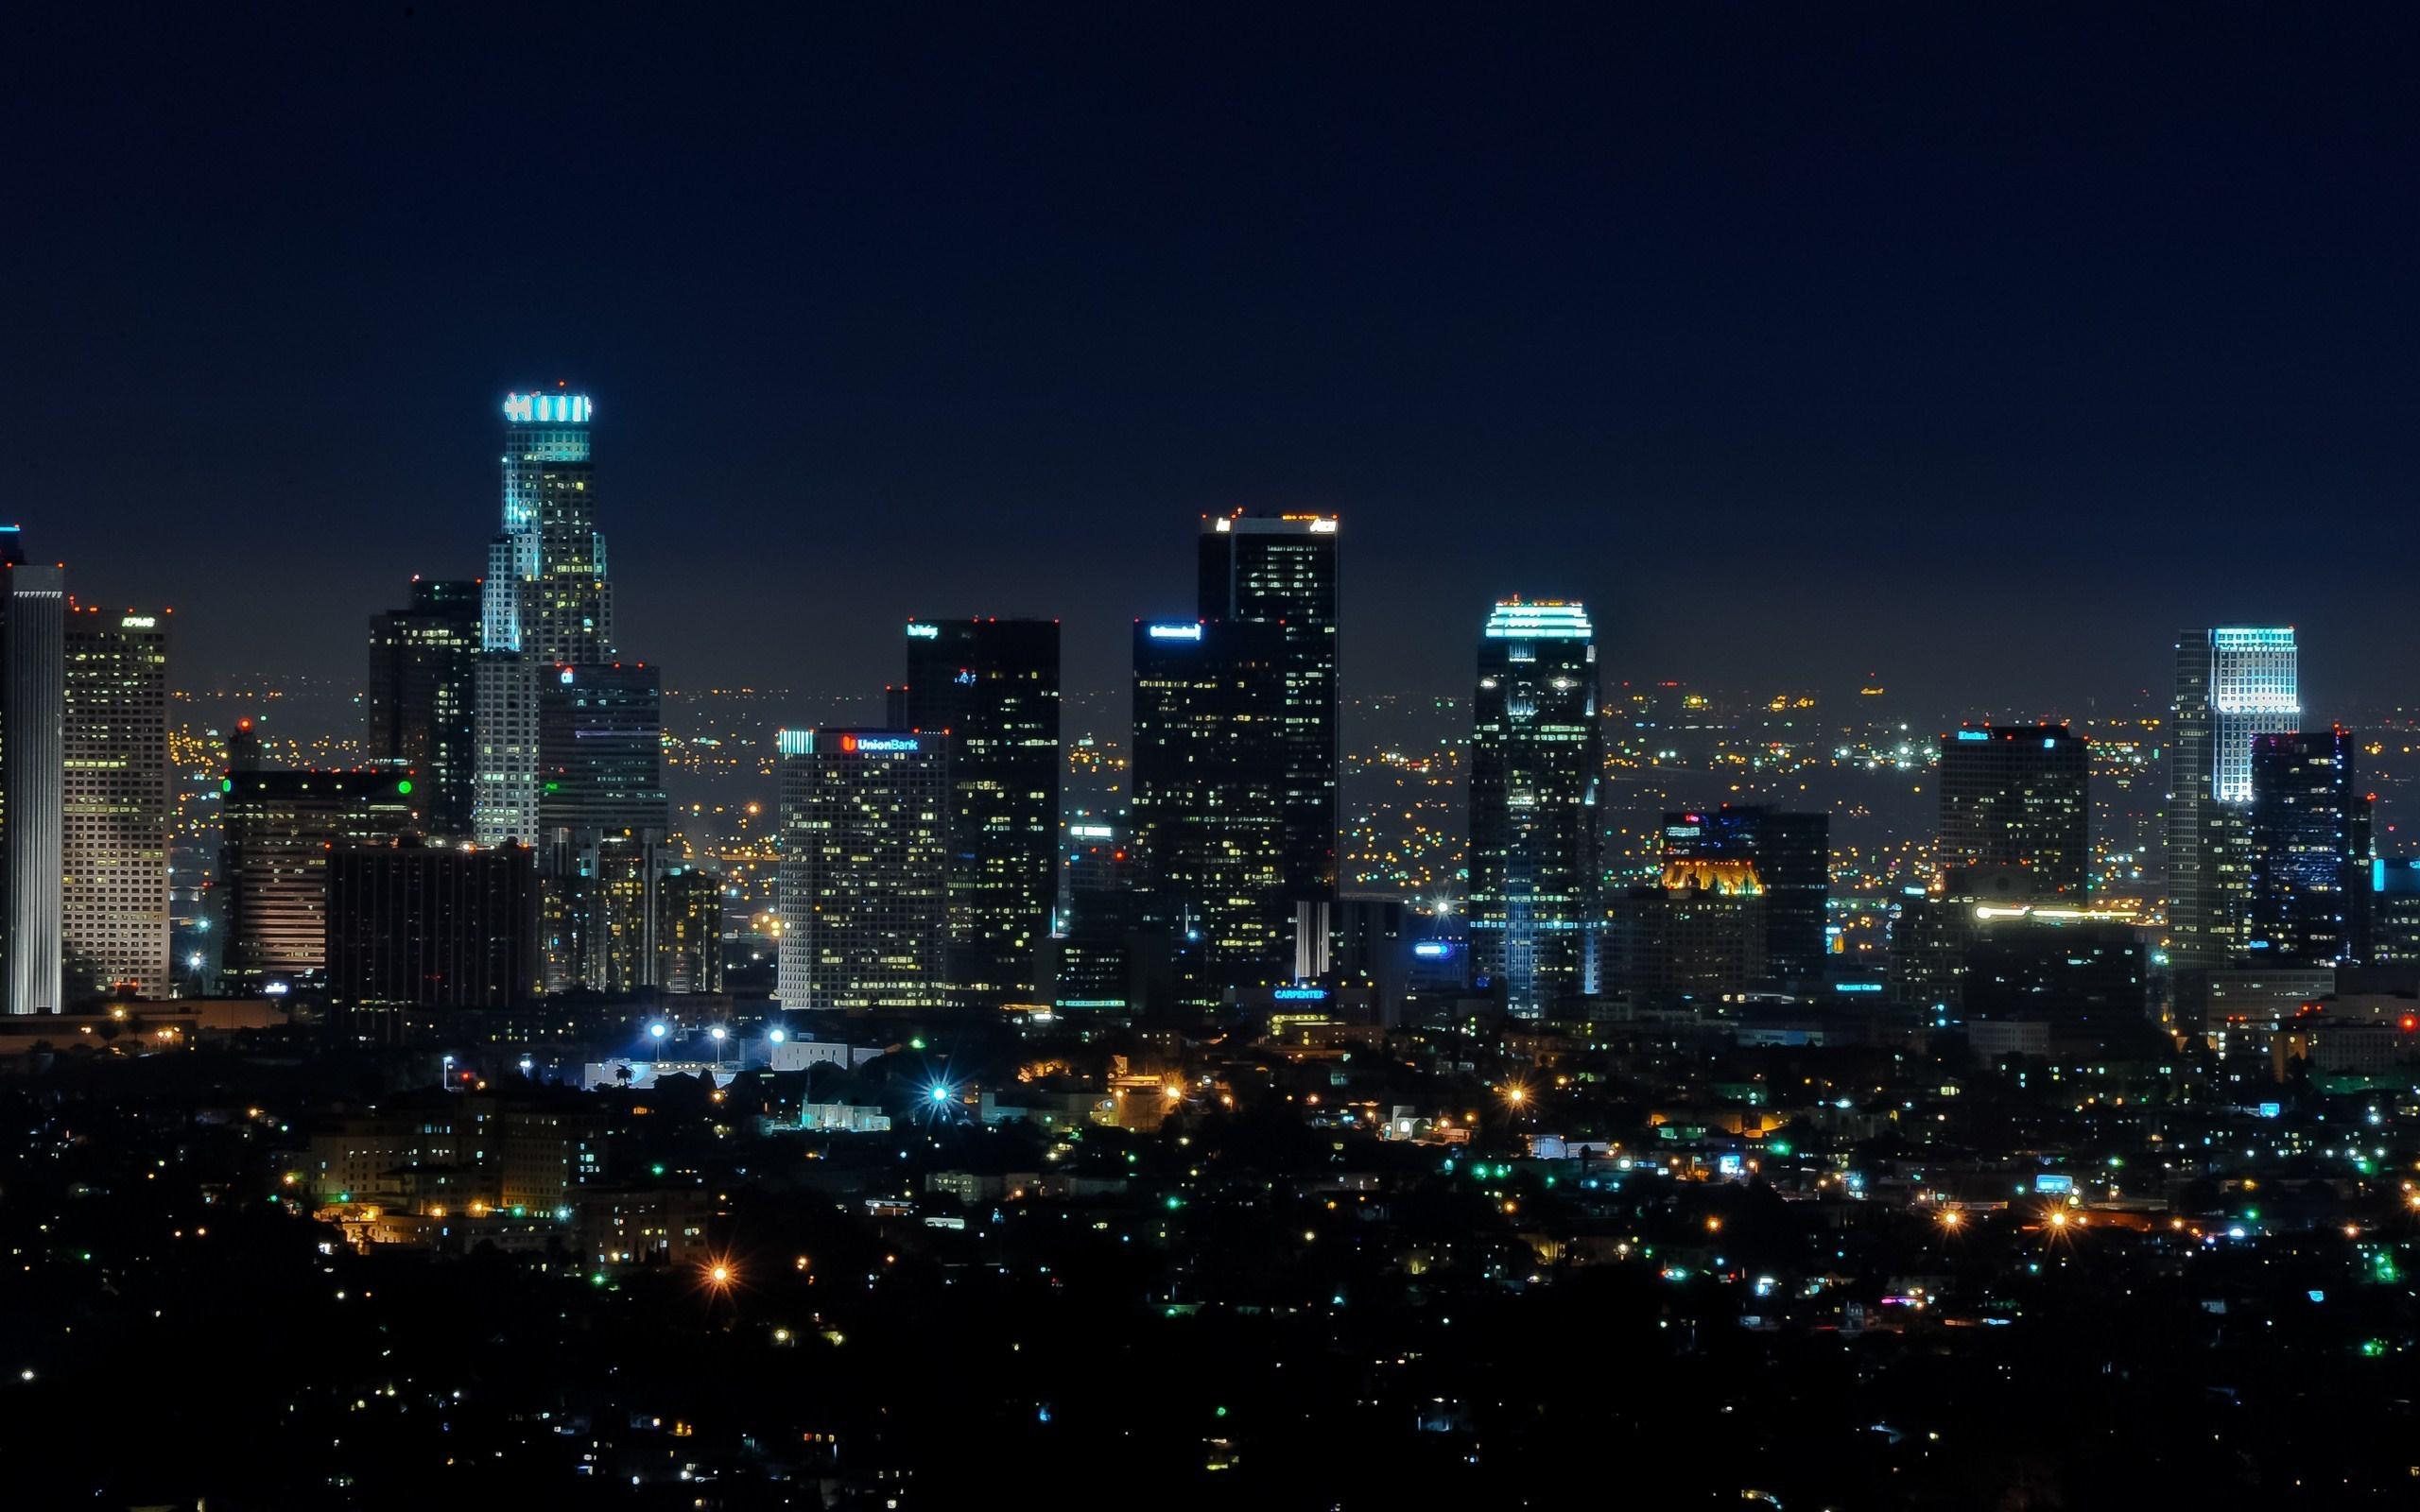 Downtown Los Angeles Wallpaper - WallpaperSafari